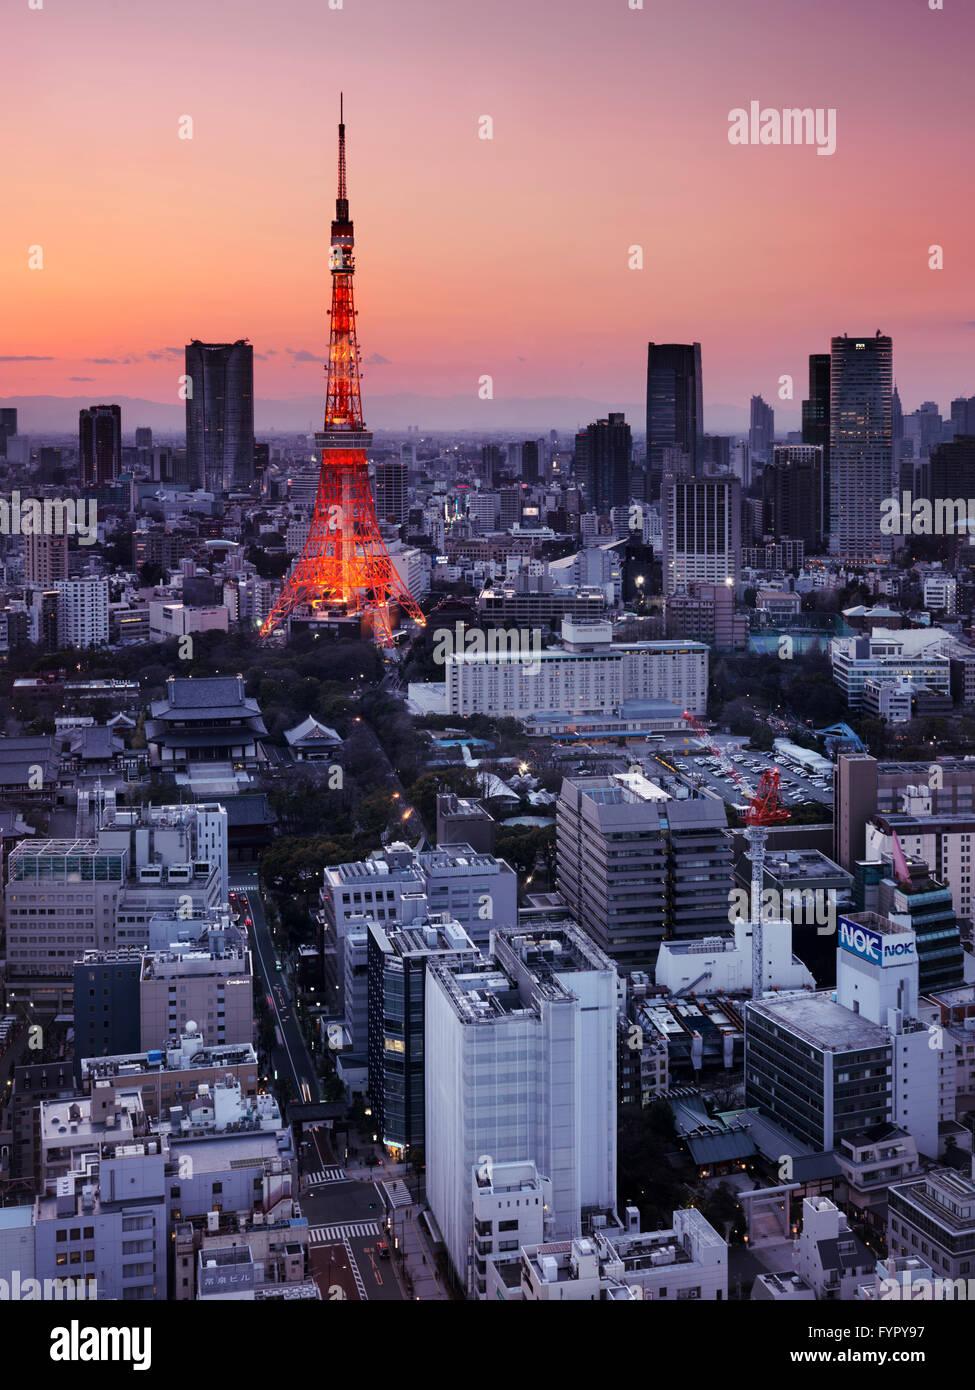 La Torre de Tokyo iluminada durante la puesta de sol, Minato, Tokio, Japón Imagen De Stock